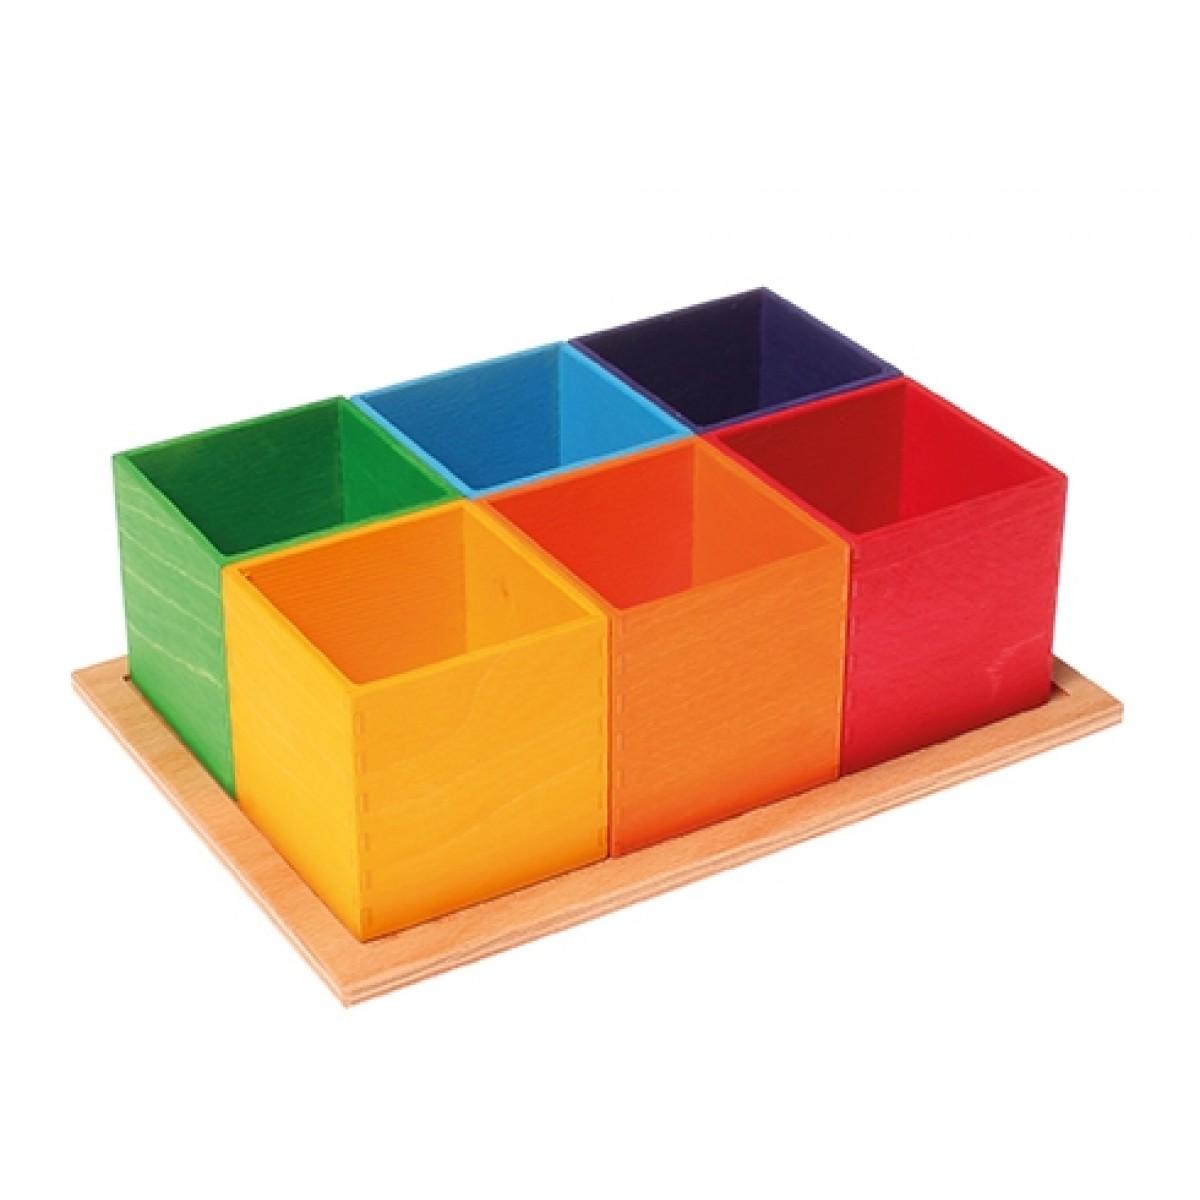 grimm s kleine sortierhilfe 6 kisten beim holzspielzeug profi. Black Bedroom Furniture Sets. Home Design Ideas